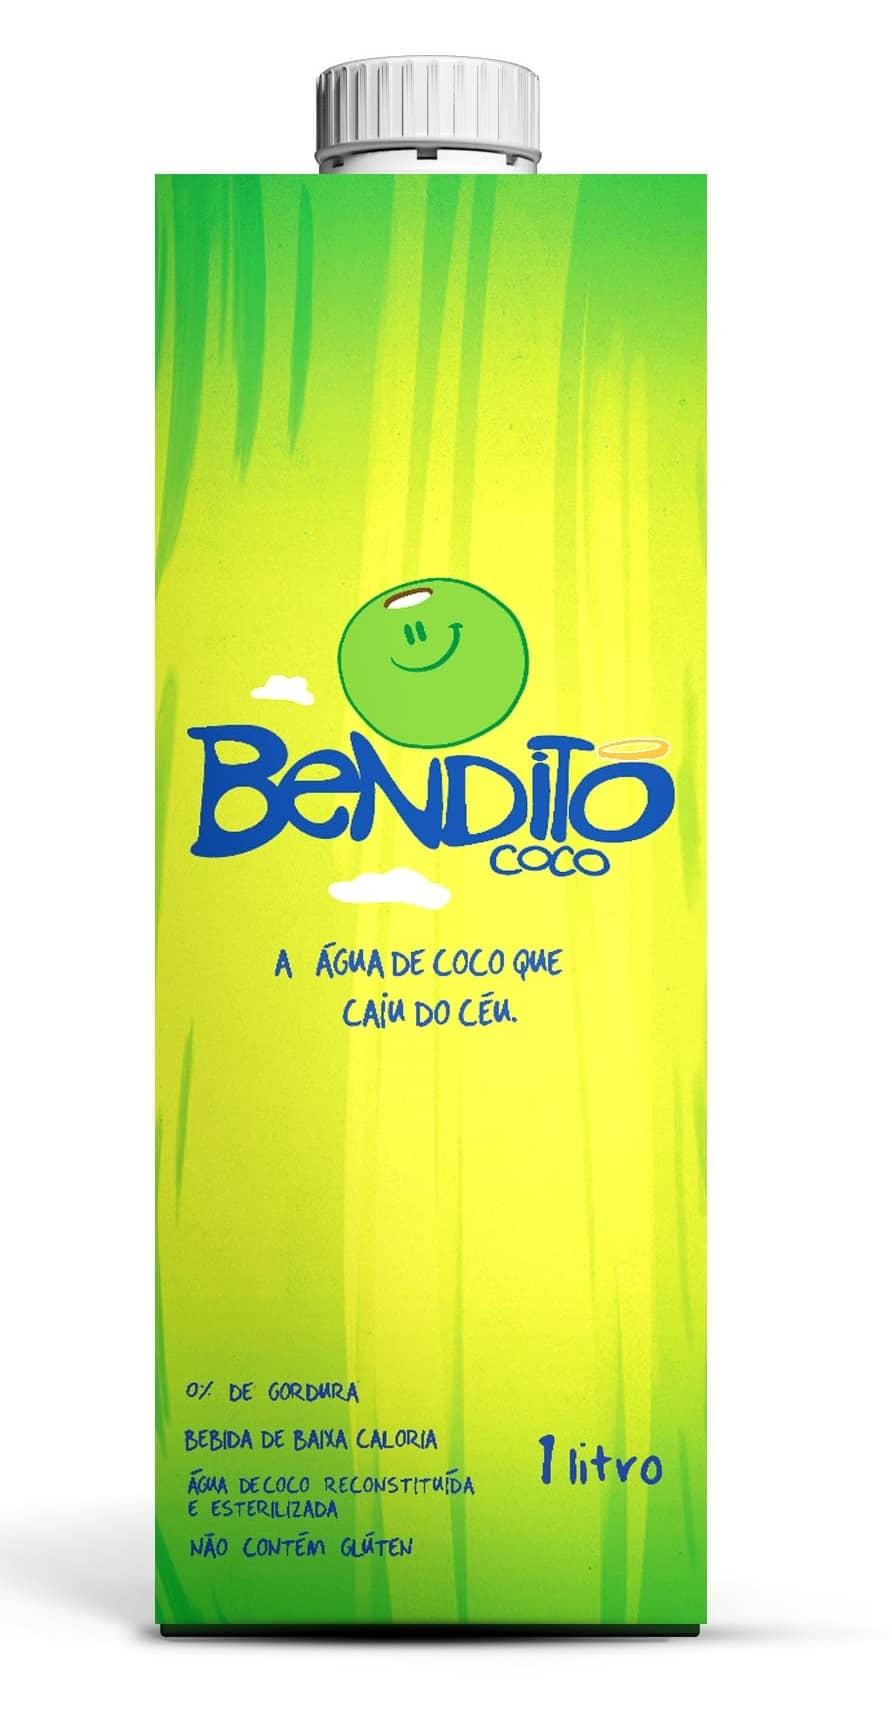 bendito_coco_1l